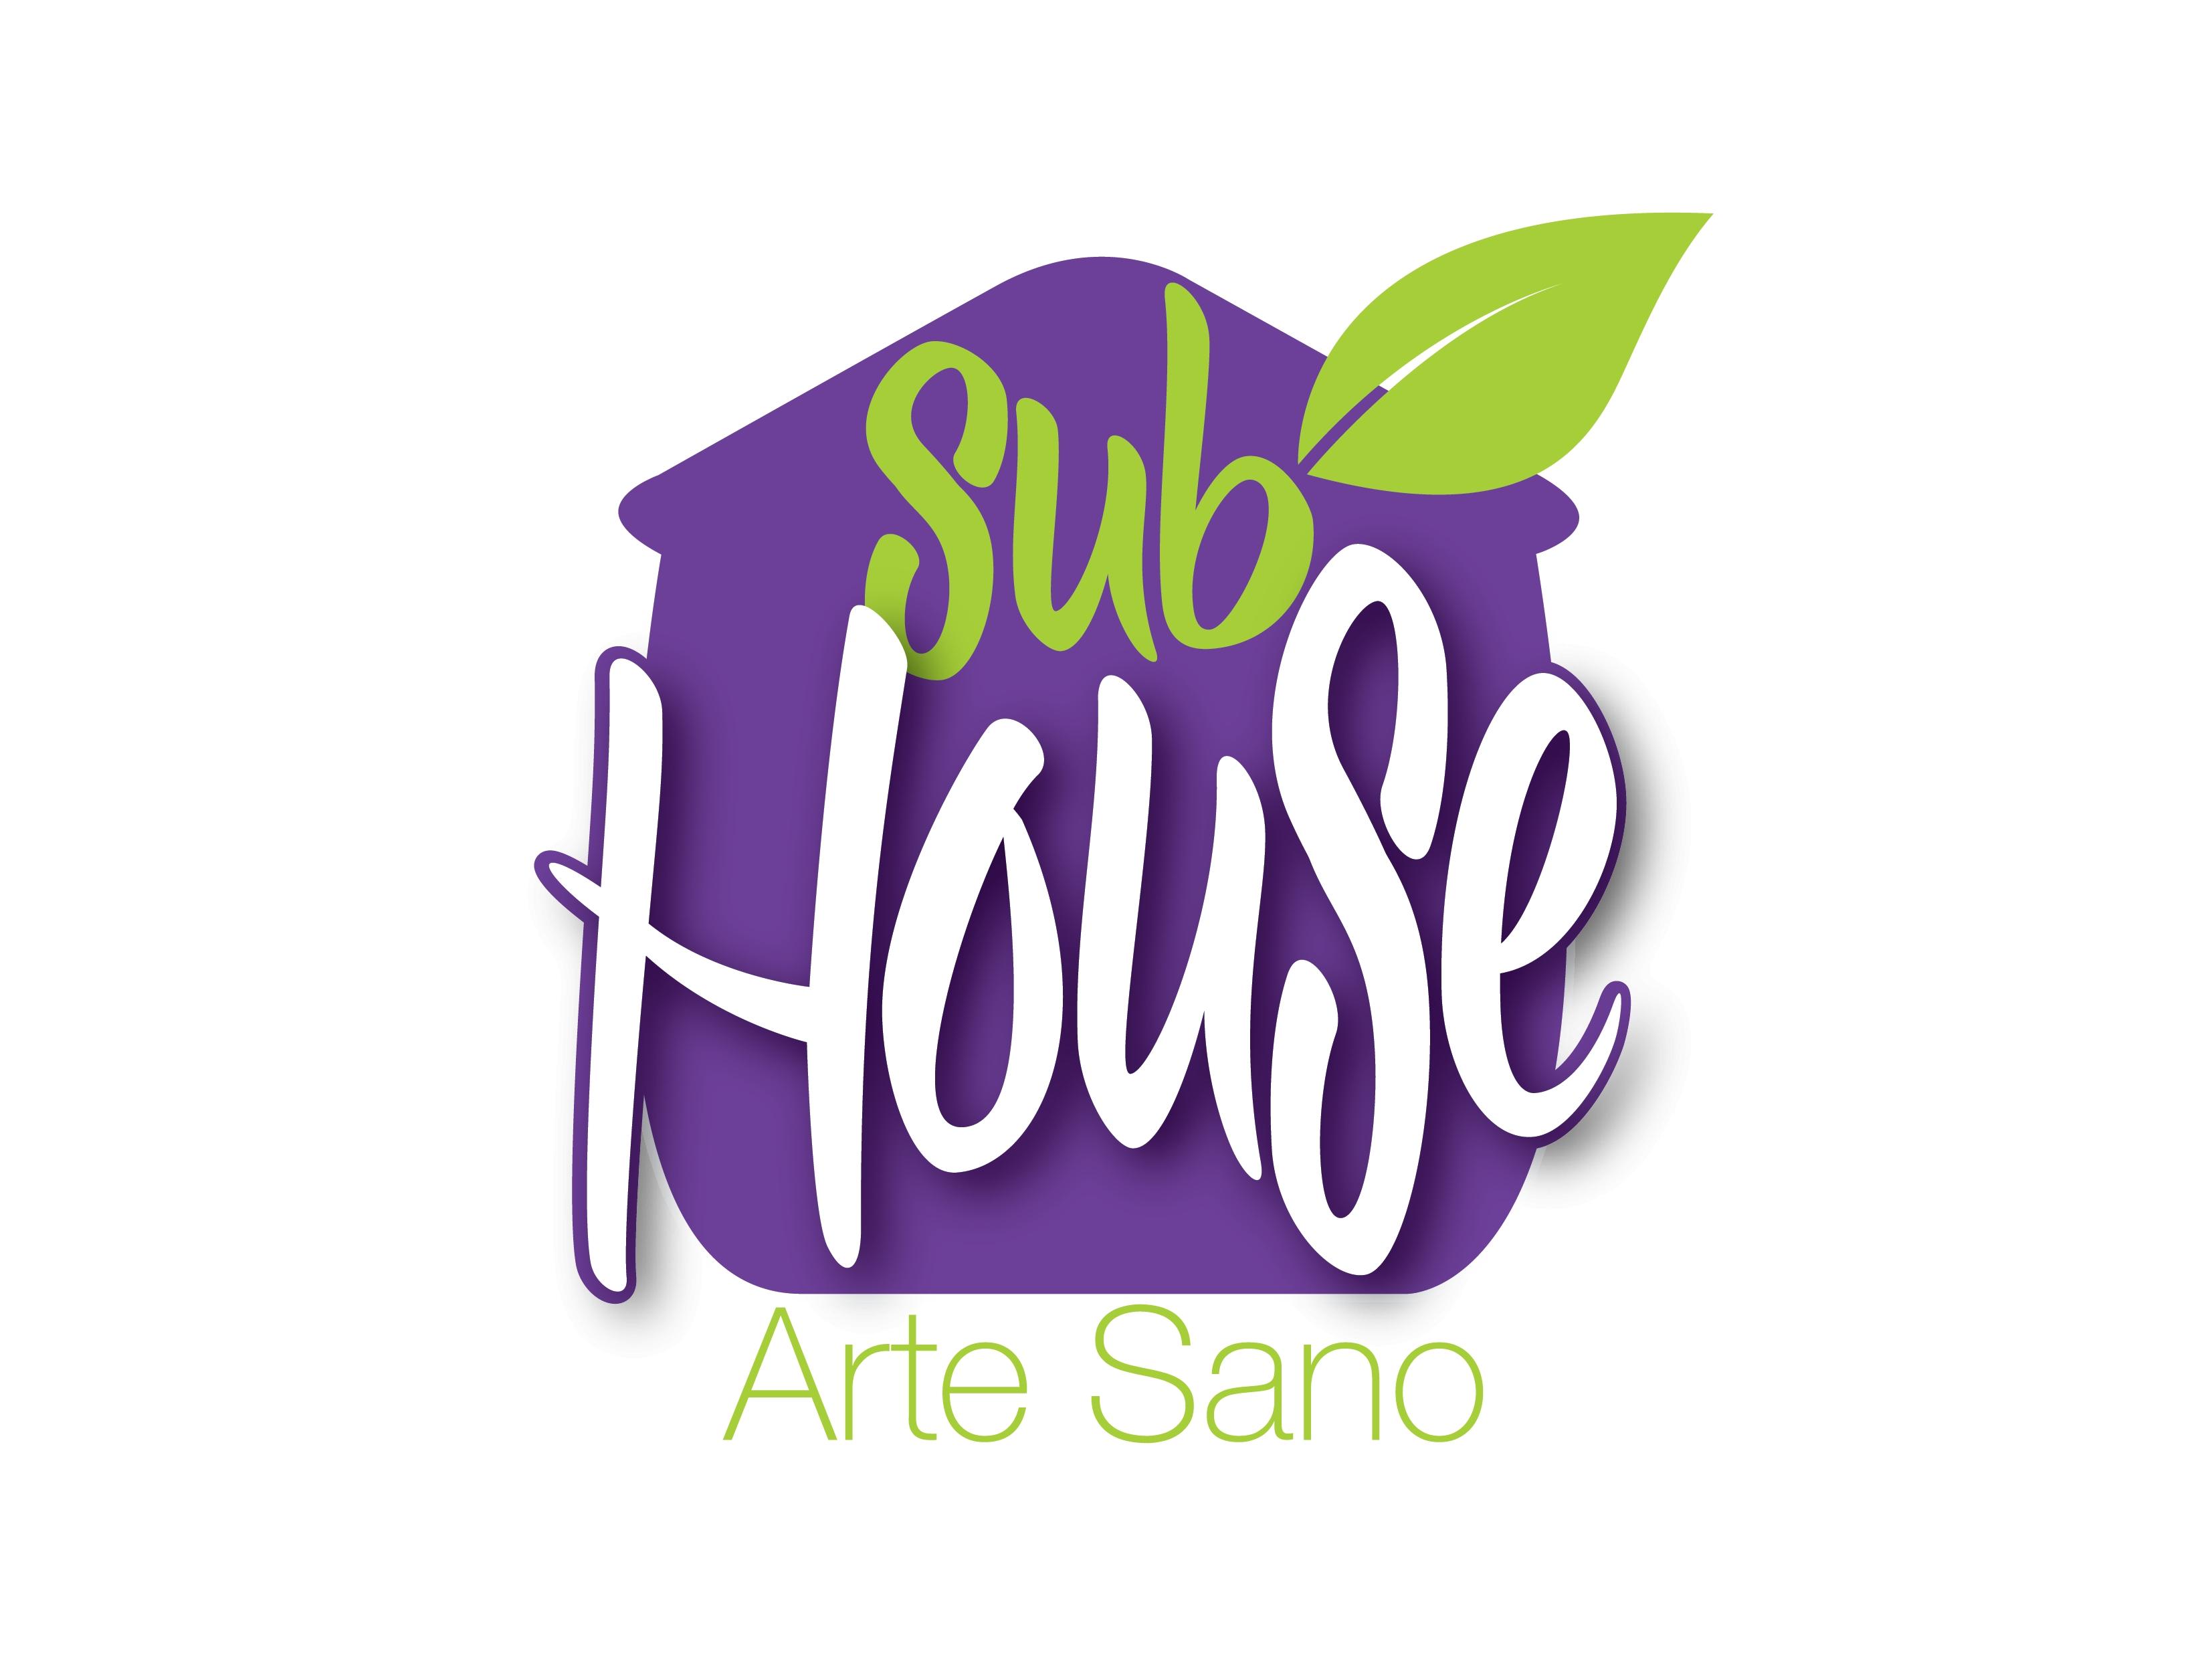 Sub House